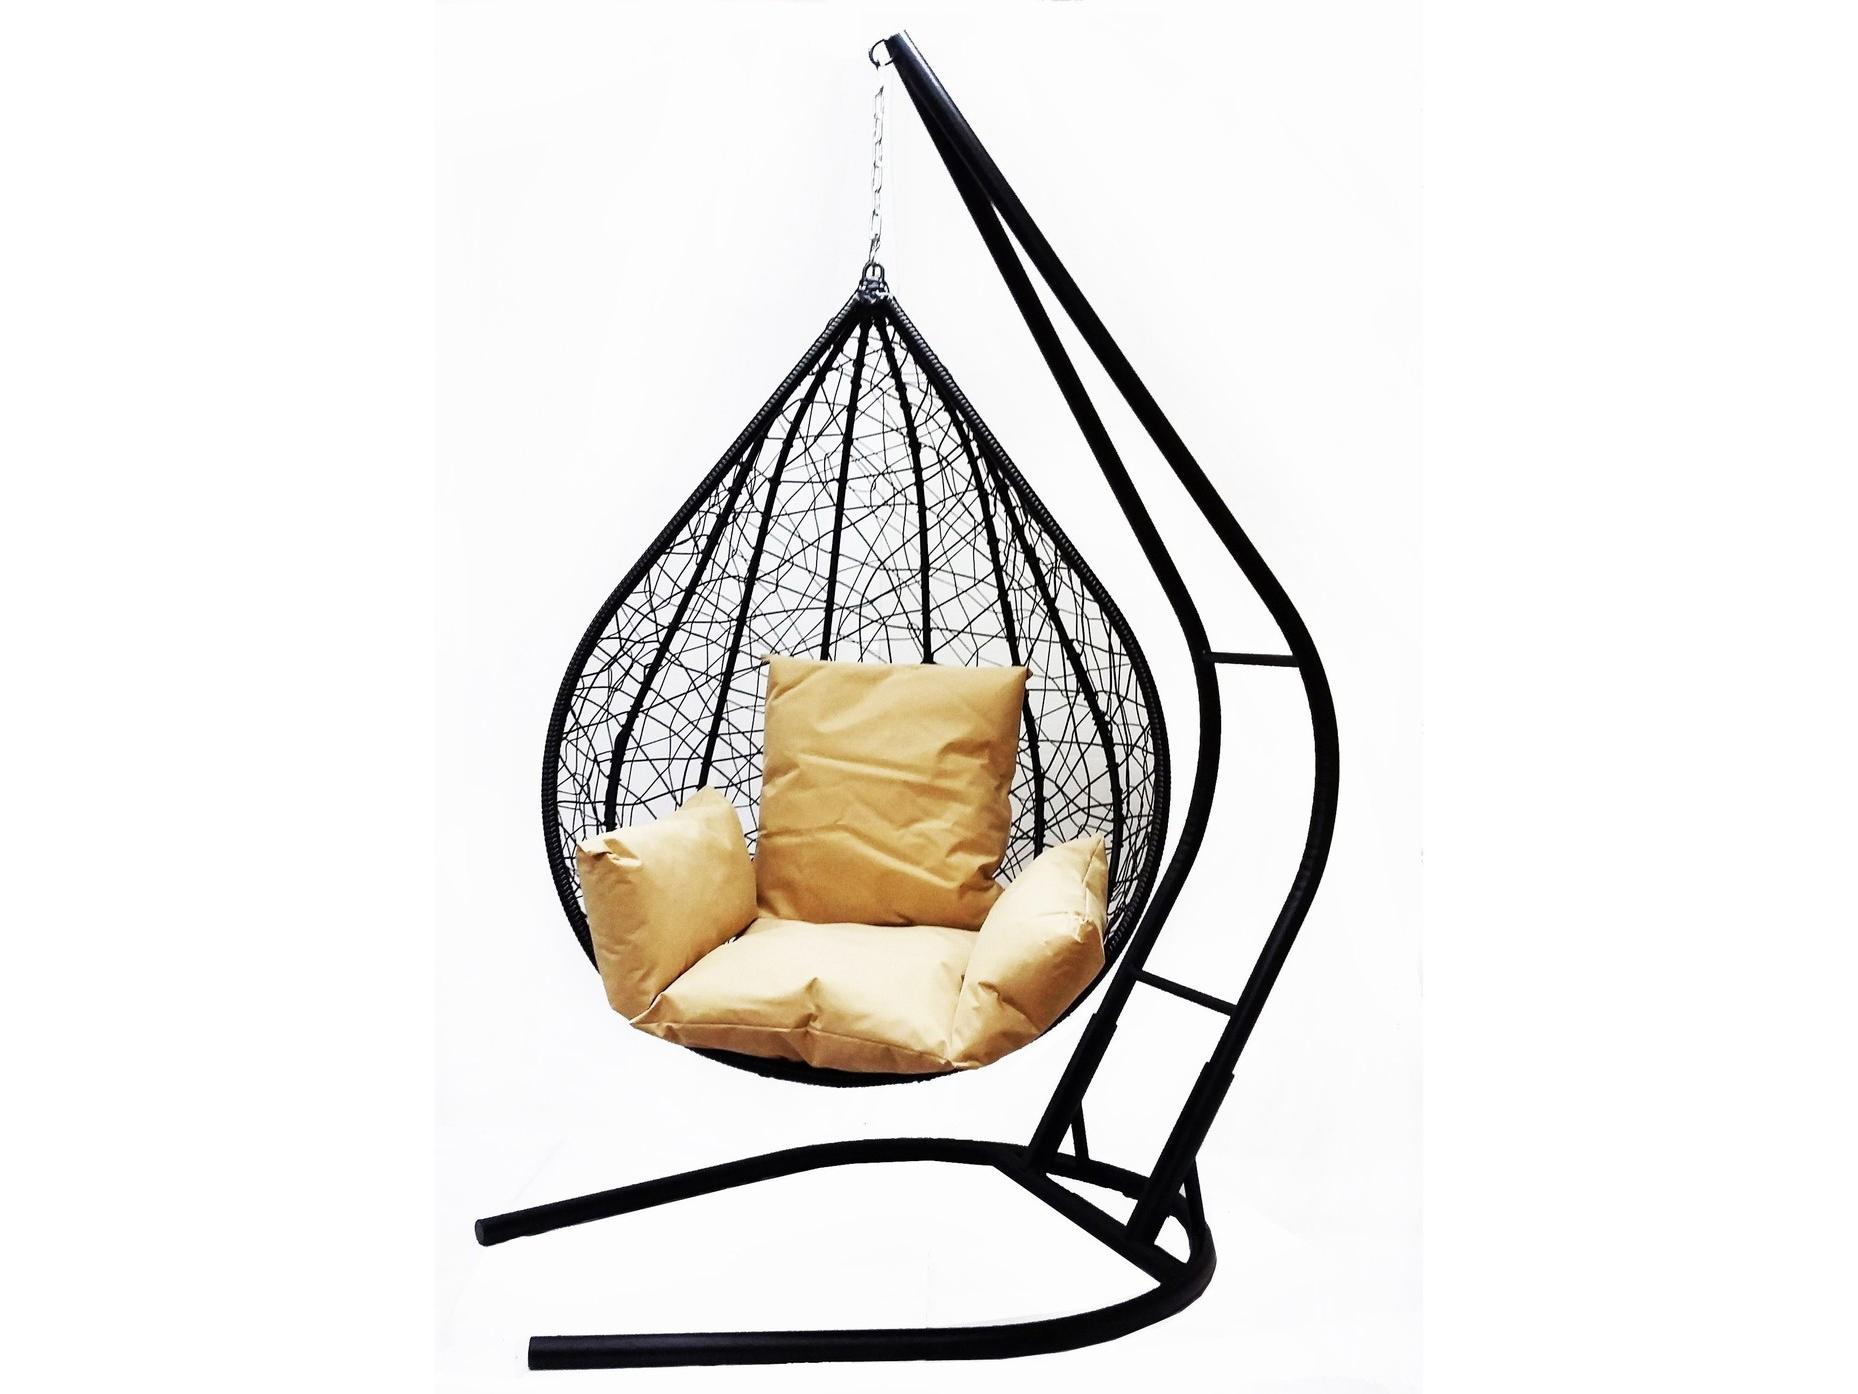 Кресло АланияПодвесные кресла<br>&amp;lt;div&amp;gt;Подвесное Кресло Алания относится к наиболее распространенной группе каплеподобных коконов, но при этом, в отличие от аналогов, имеет высочайшую анатомичность. В этом кресле действительно очень удобно сидеть, так как необычная форма спинки кокона позволяет комфортно чувствовать себя даже без подушки.&amp;lt;/div&amp;gt;&amp;lt;div&amp;gt;&amp;lt;br&amp;gt;&amp;lt;/div&amp;gt;&amp;lt;div&amp;gt;Каркас выполнен из высококачественной стальной трубы и покрыт полимерной краской, которая прекрасно выдерживает перепады температур и тяжелые погодные условия. Для обмотки каркаса используется высококачественный искусственный ротанг толщиной от 2 до 5 мм.&amp;amp;nbsp;&amp;lt;/div&amp;gt;&amp;lt;div&amp;gt;Размер кокона: высота 130 см, ширина 105 см, глубина 68 см.&amp;amp;nbsp;&amp;lt;/div&amp;gt;&amp;lt;div&amp;gt;Размер стойки: длина 210 см, ширина 40 см, глубина 70 см.&amp;amp;nbsp;&amp;lt;/div&amp;gt;&amp;lt;div&amp;gt;Размер основания: длина 110 см, ширина 100 см, высота 15 см.&amp;lt;/div&amp;gt;&amp;lt;div&amp;gt;Цвет подушки можно выбрать.&amp;lt;/div&amp;gt;<br><br>Material: Искусственный ротанг<br>Ширина см: 100<br>Высота см: 210<br>Глубина см: 110